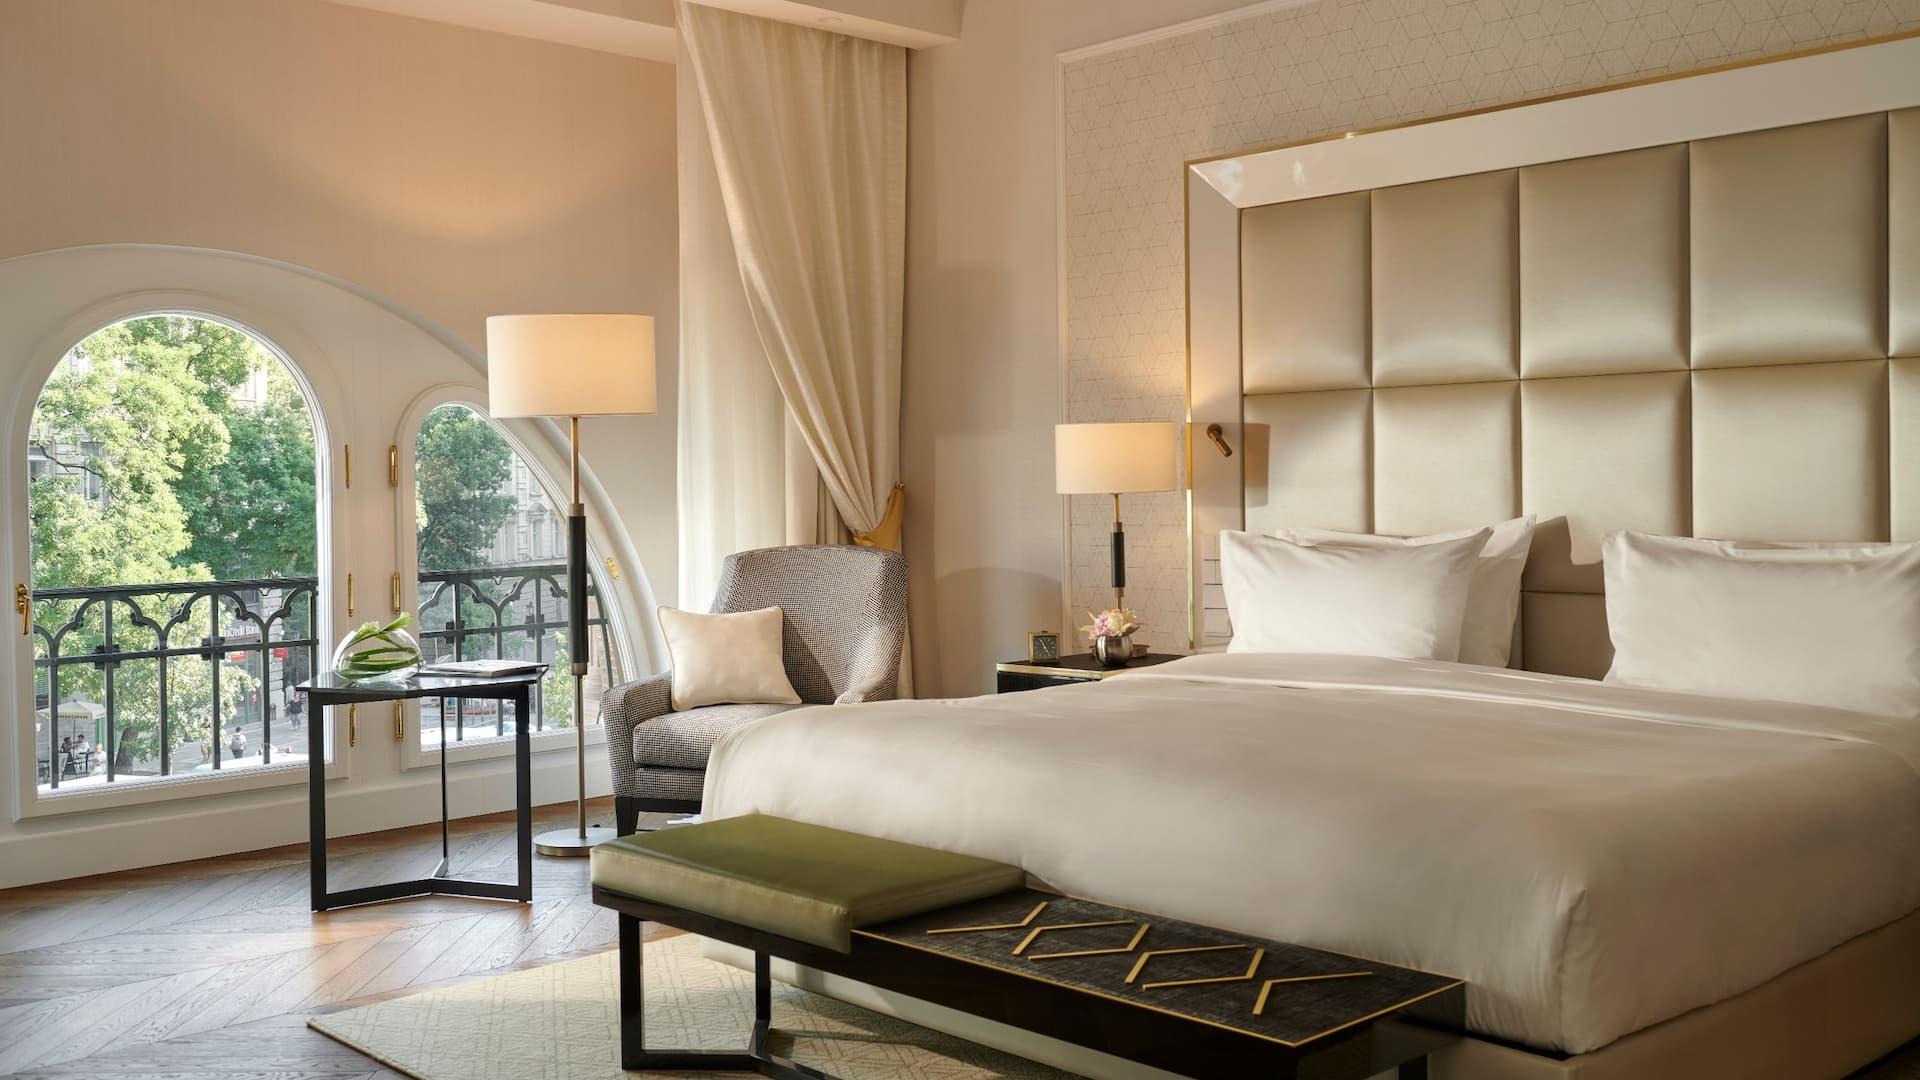 Parisi Udvar Hotel Budapest Brudern Suite